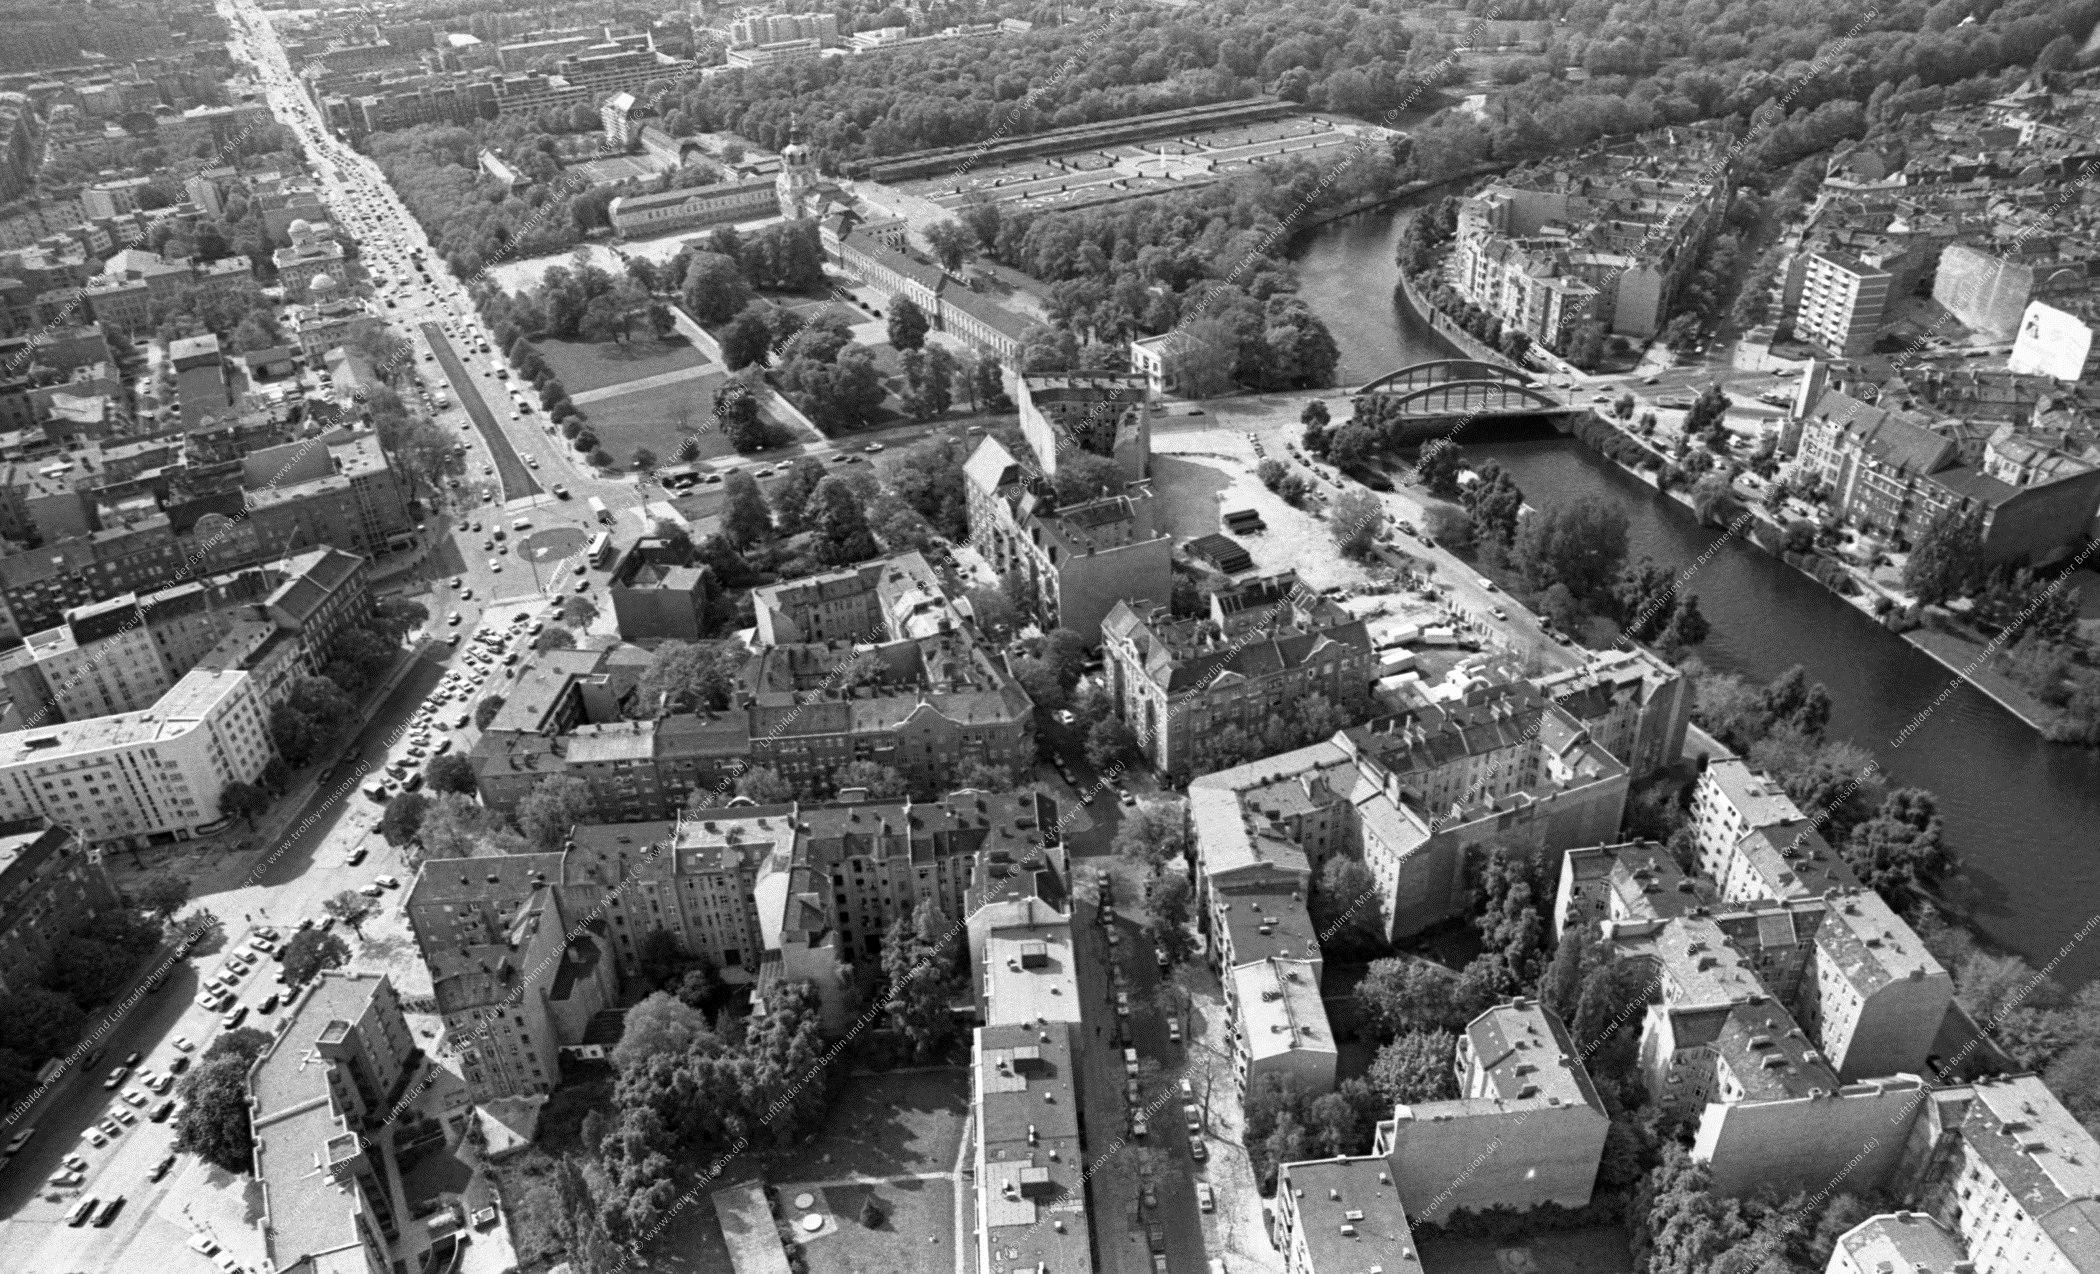 Berlin Luftbild Schloß Charlottenburg mit Schloßbrücke über die Spree vom 12. Mai 1982 (Bild 088)